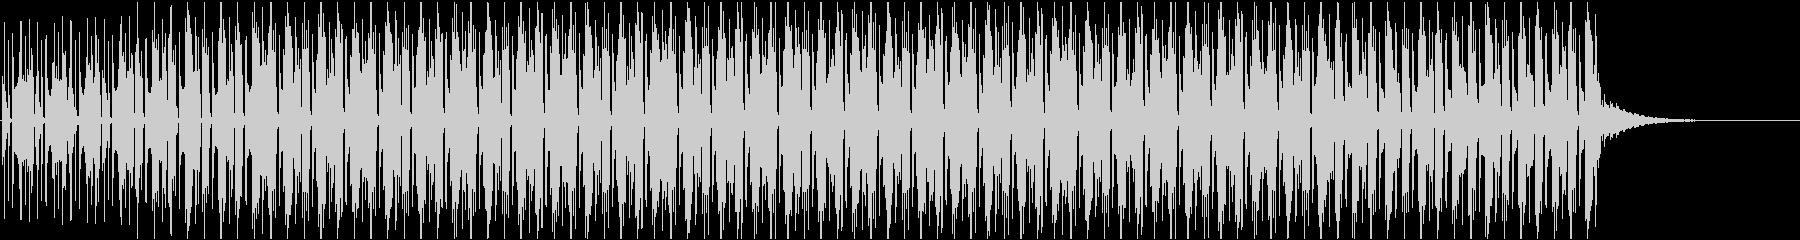 ナレーションの後ろで流れてそうなbgmの未再生の波形